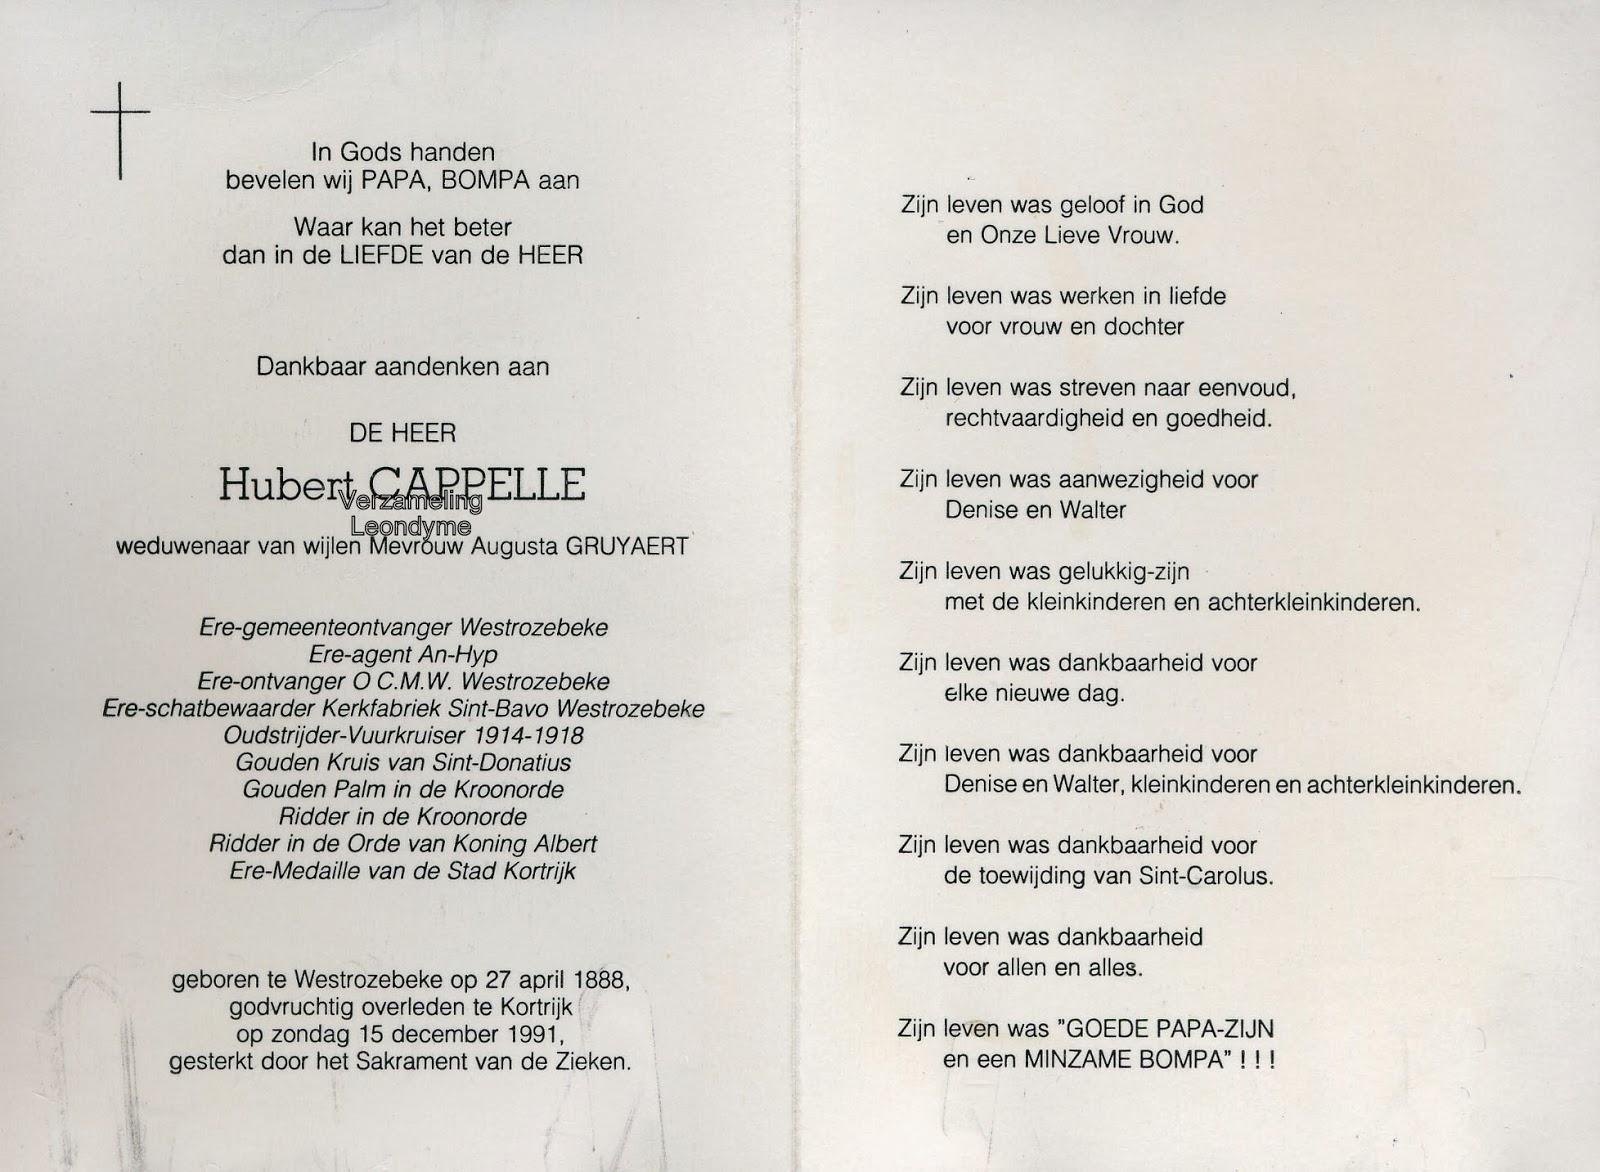 Bidprentje, Hubert Capelle 1888-1991. Verzameling Leondyme.